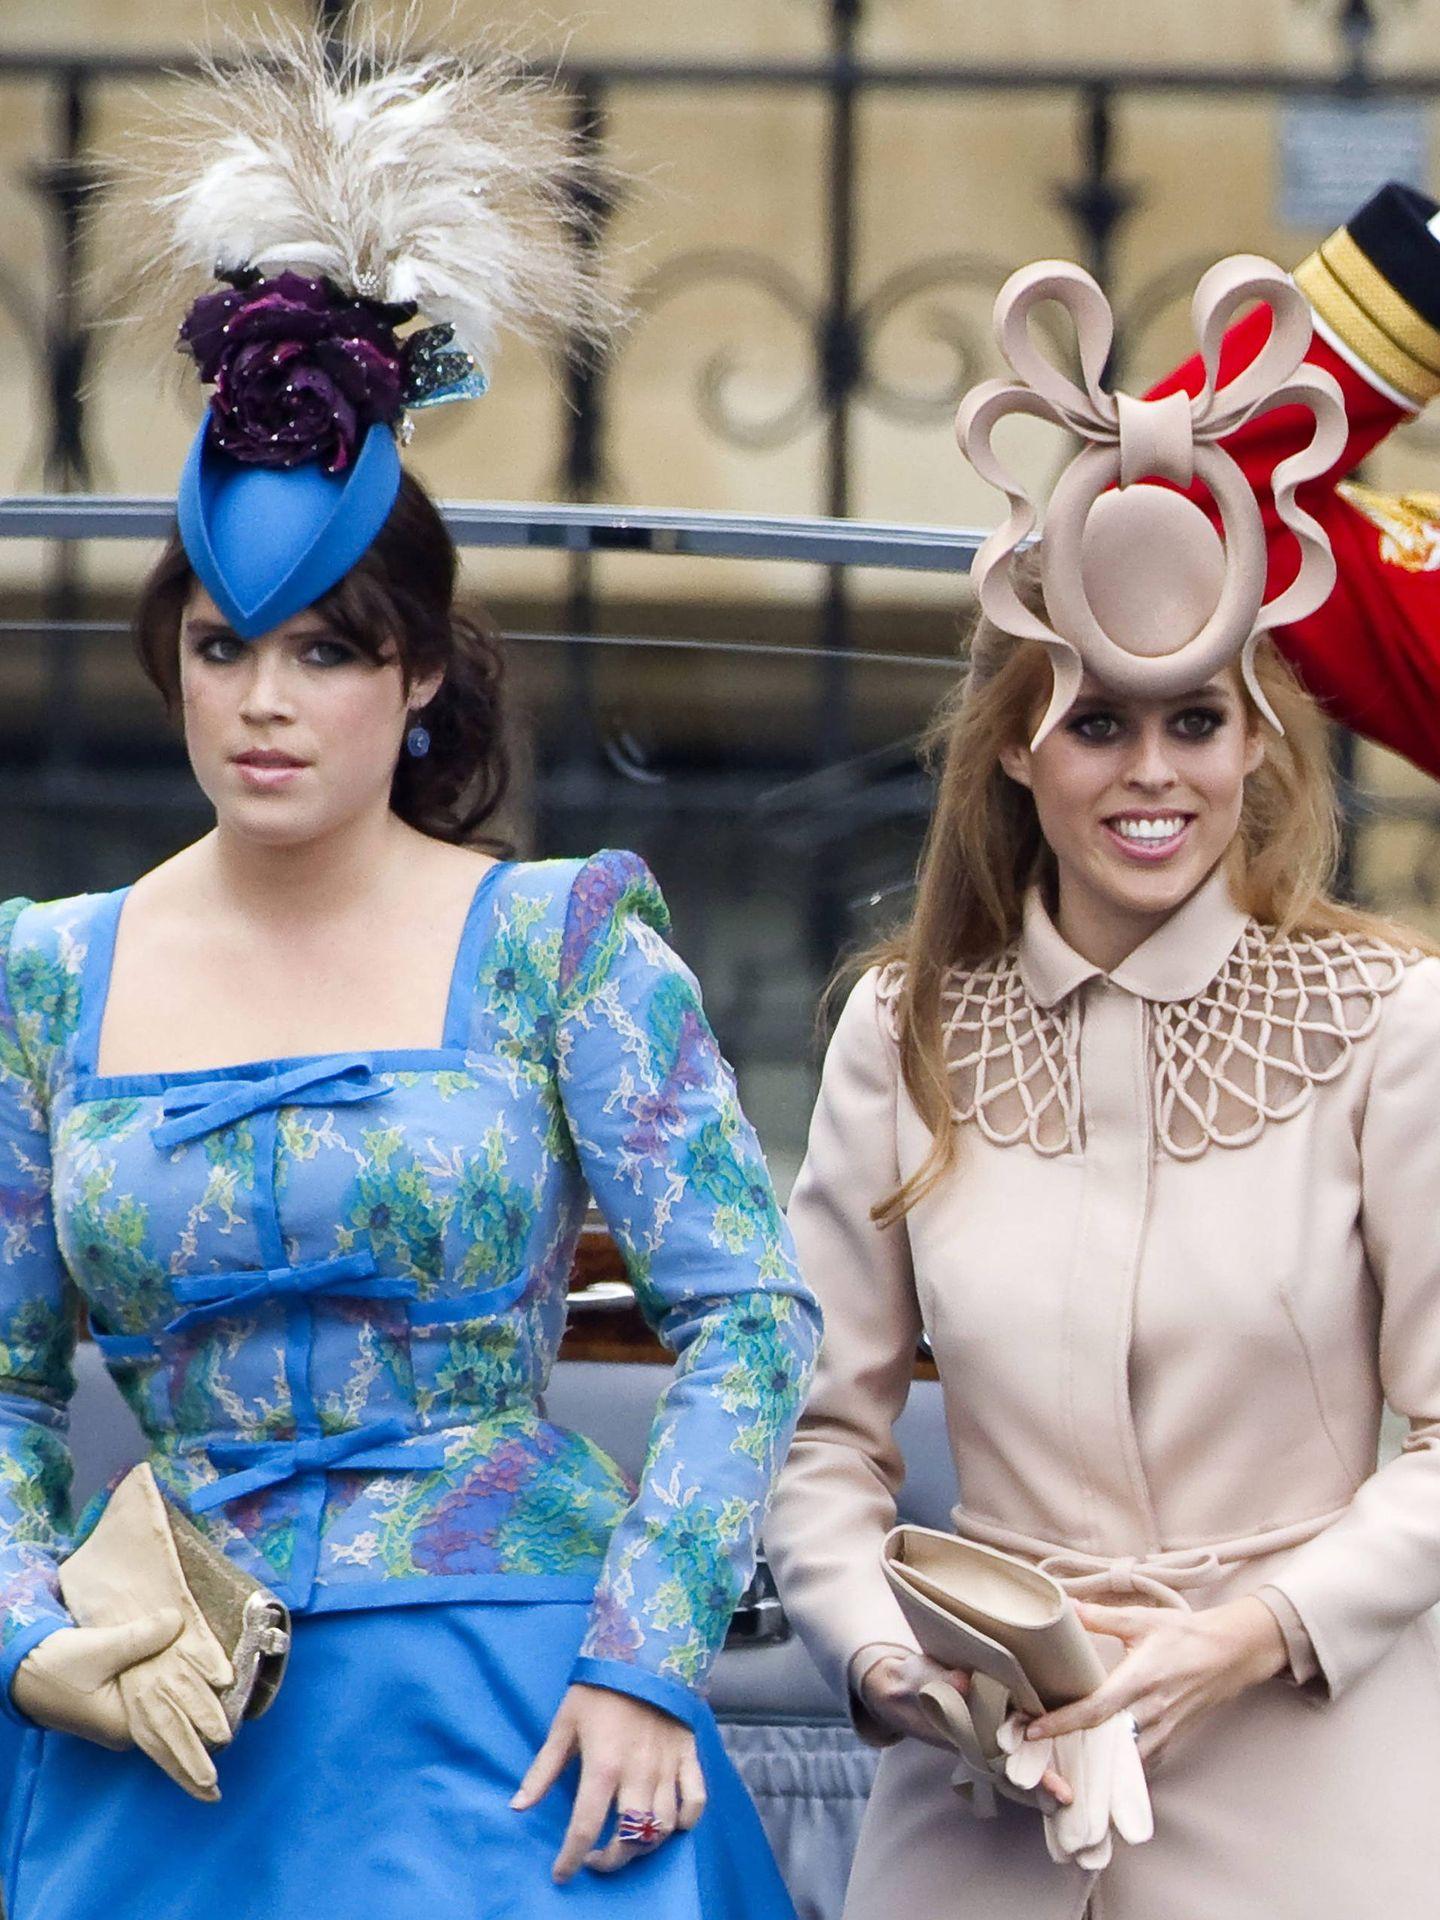 Las princesas Eugenia y Beatriz de York (con tocado de Philip Treacy) en la boda del príncipe Guillermo y Kate Middleton en 2011 en Londres. (EFE)